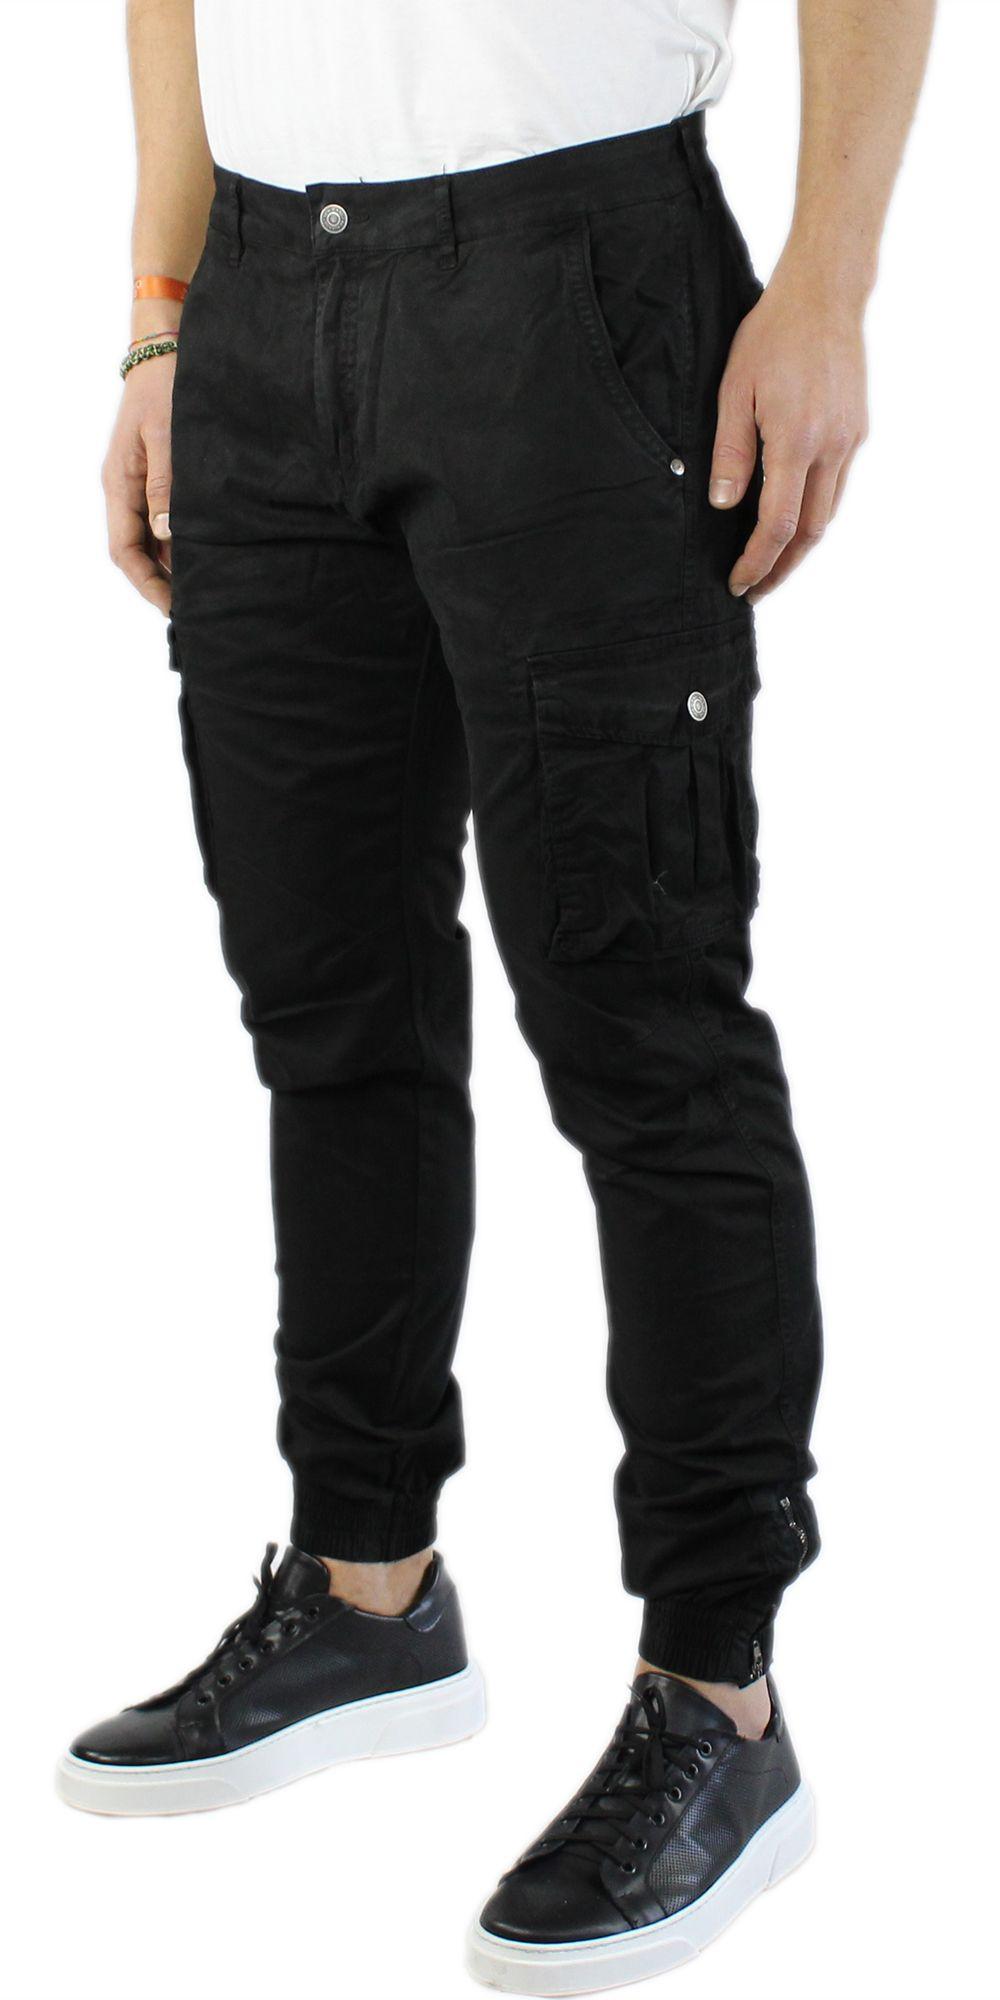 Pantaloni-Uomo-Cargo-in-Cotone-Pantalone-Tasconi-Laterali-Slim-Fit-Leggero miniatura 11